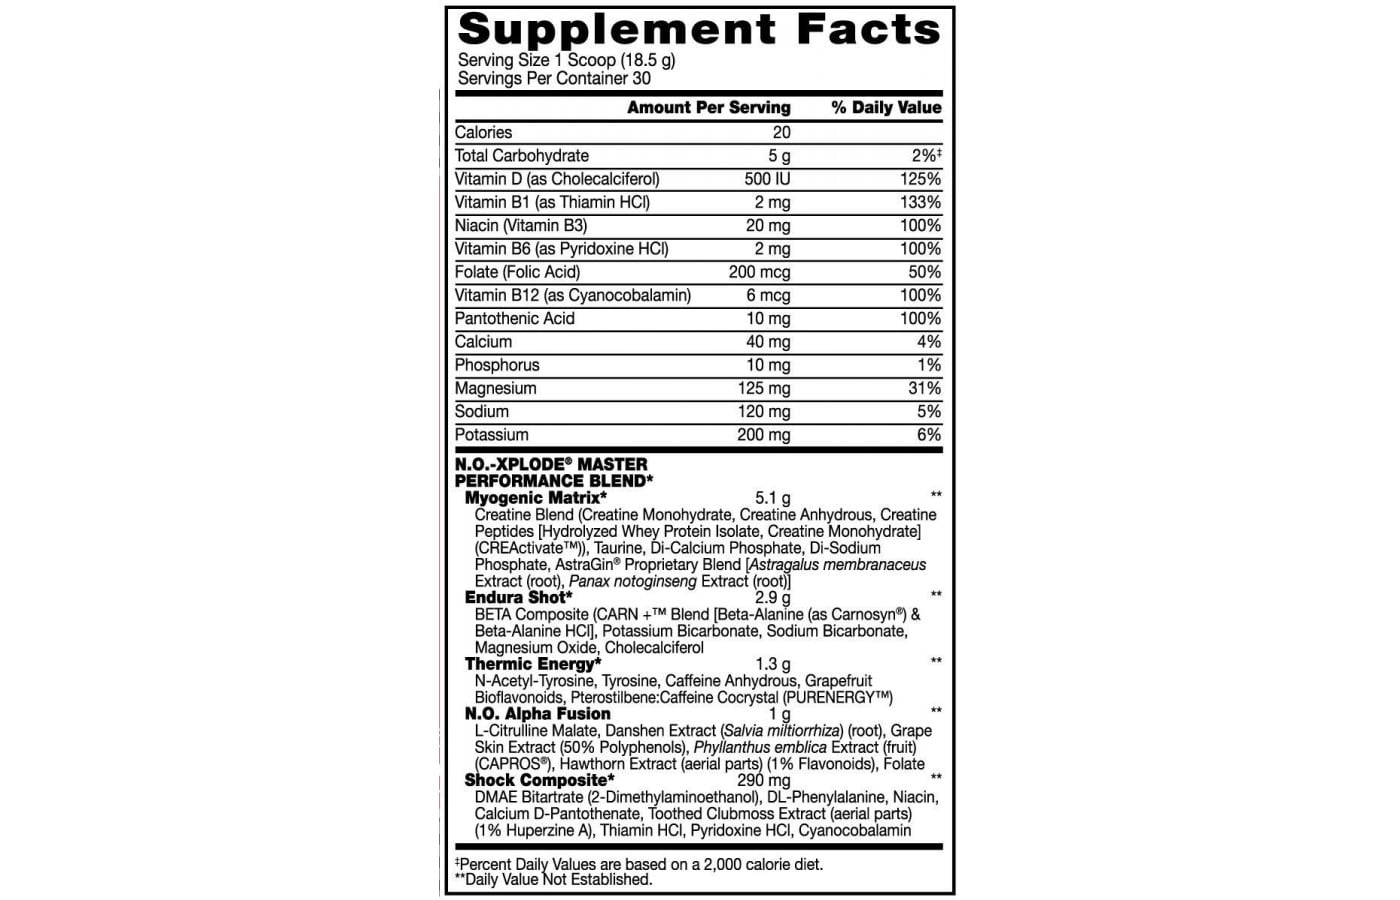 BSN N.O.-Xplode Pre Workout   Super Supplement